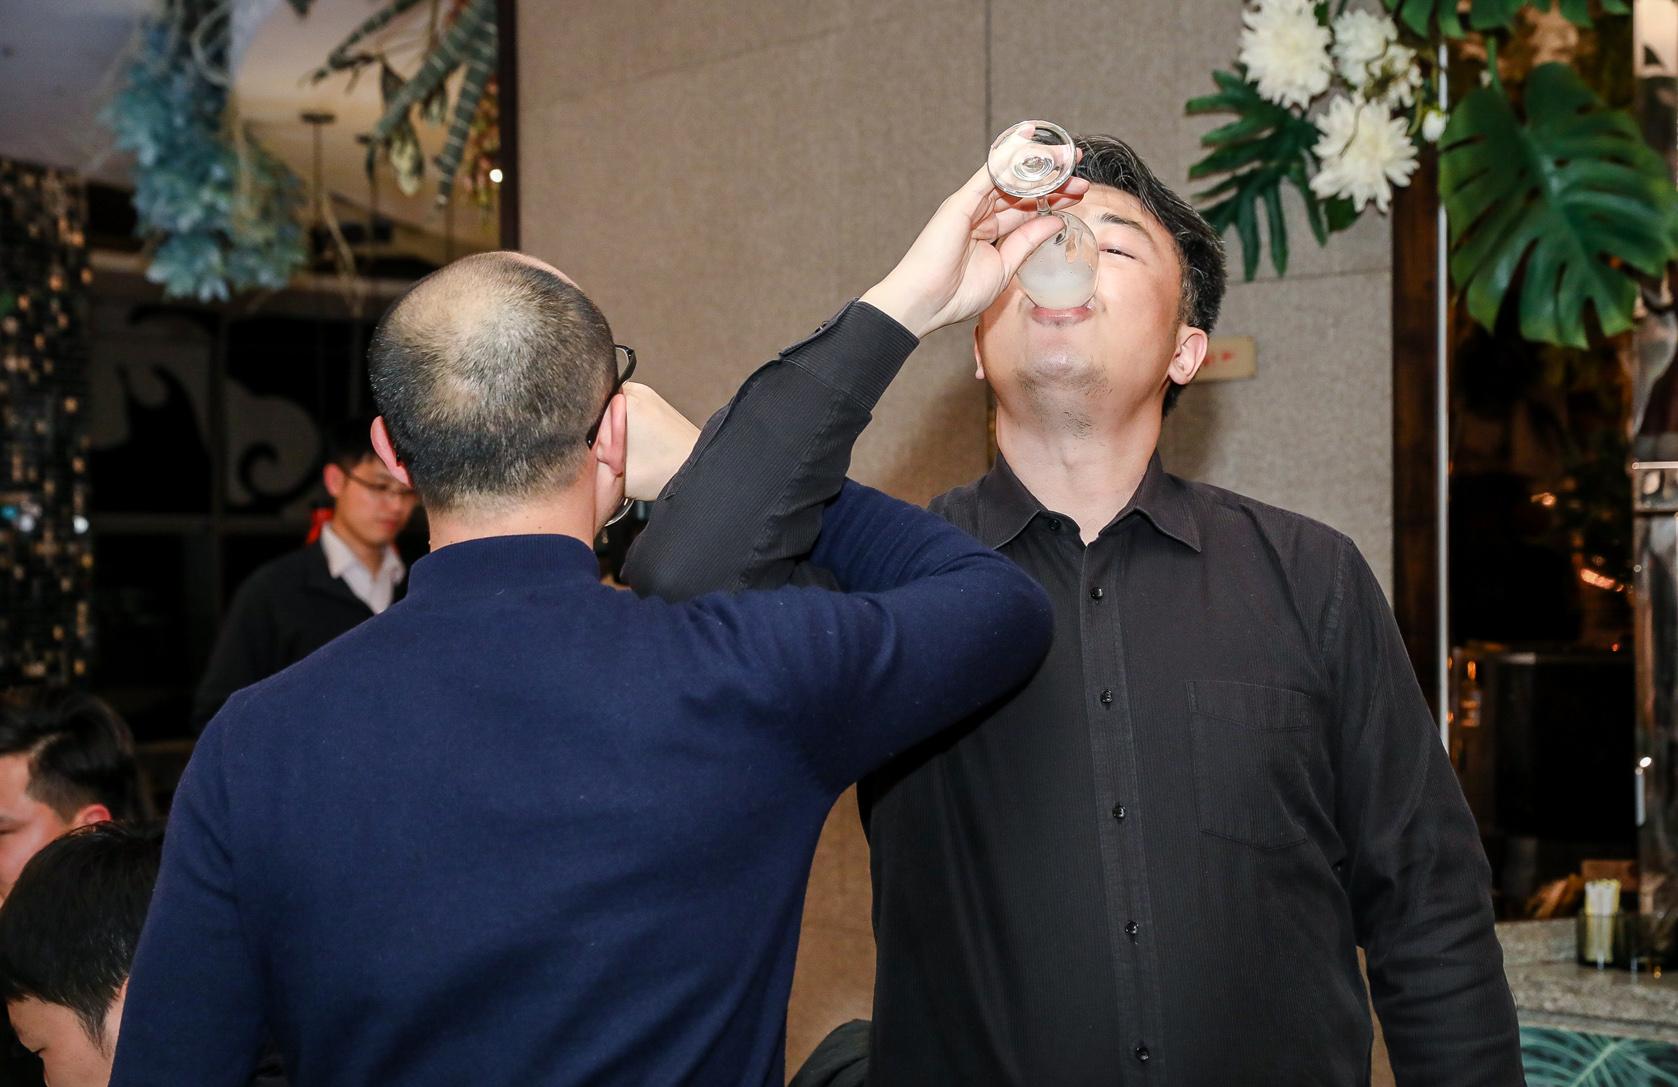 郭院长和邓叔喝交杯酒